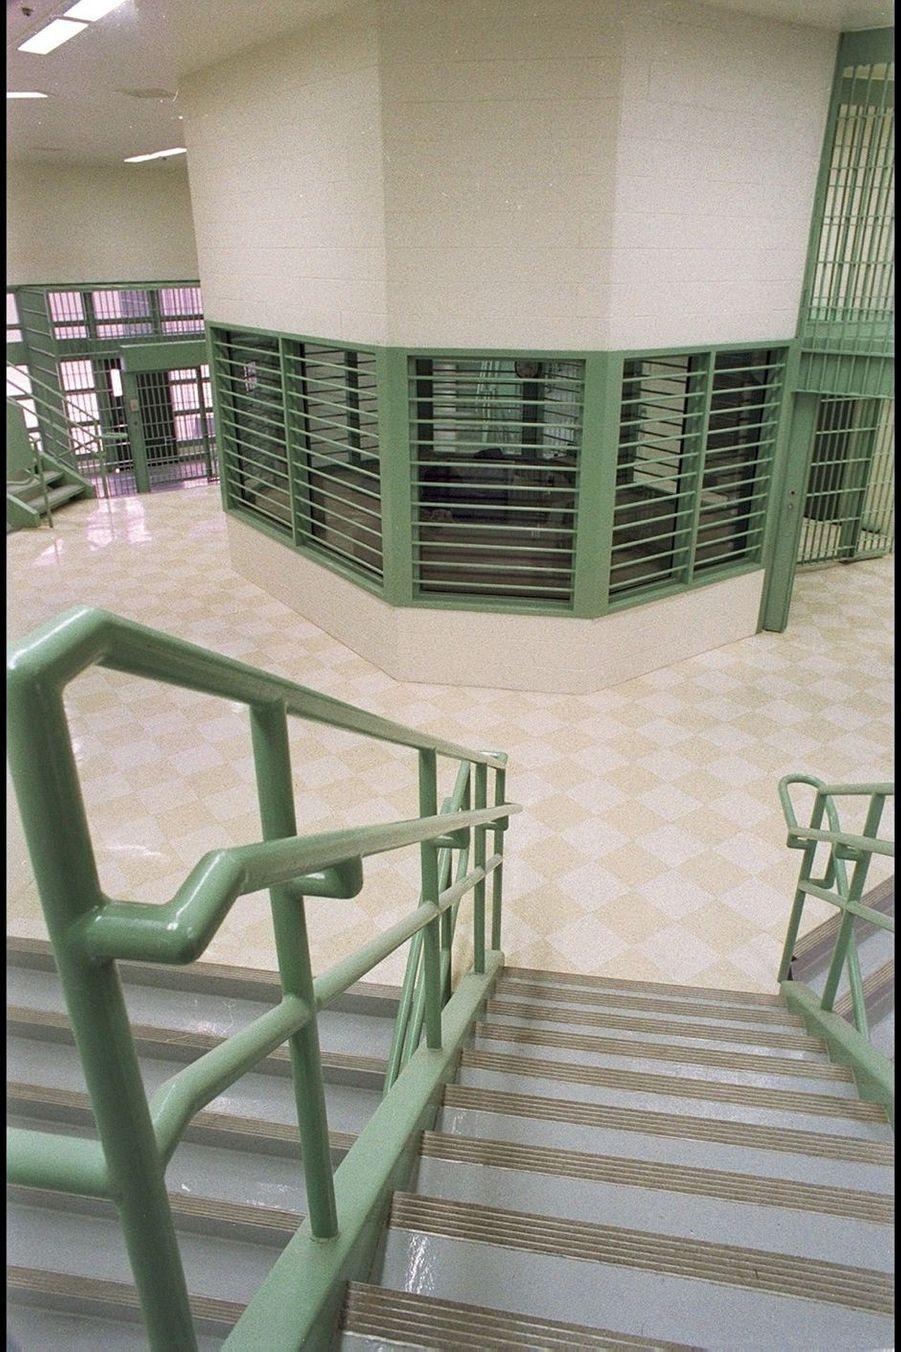 Escaliers et couloirs forment un véritable labyrinthe voulu par les architectes.